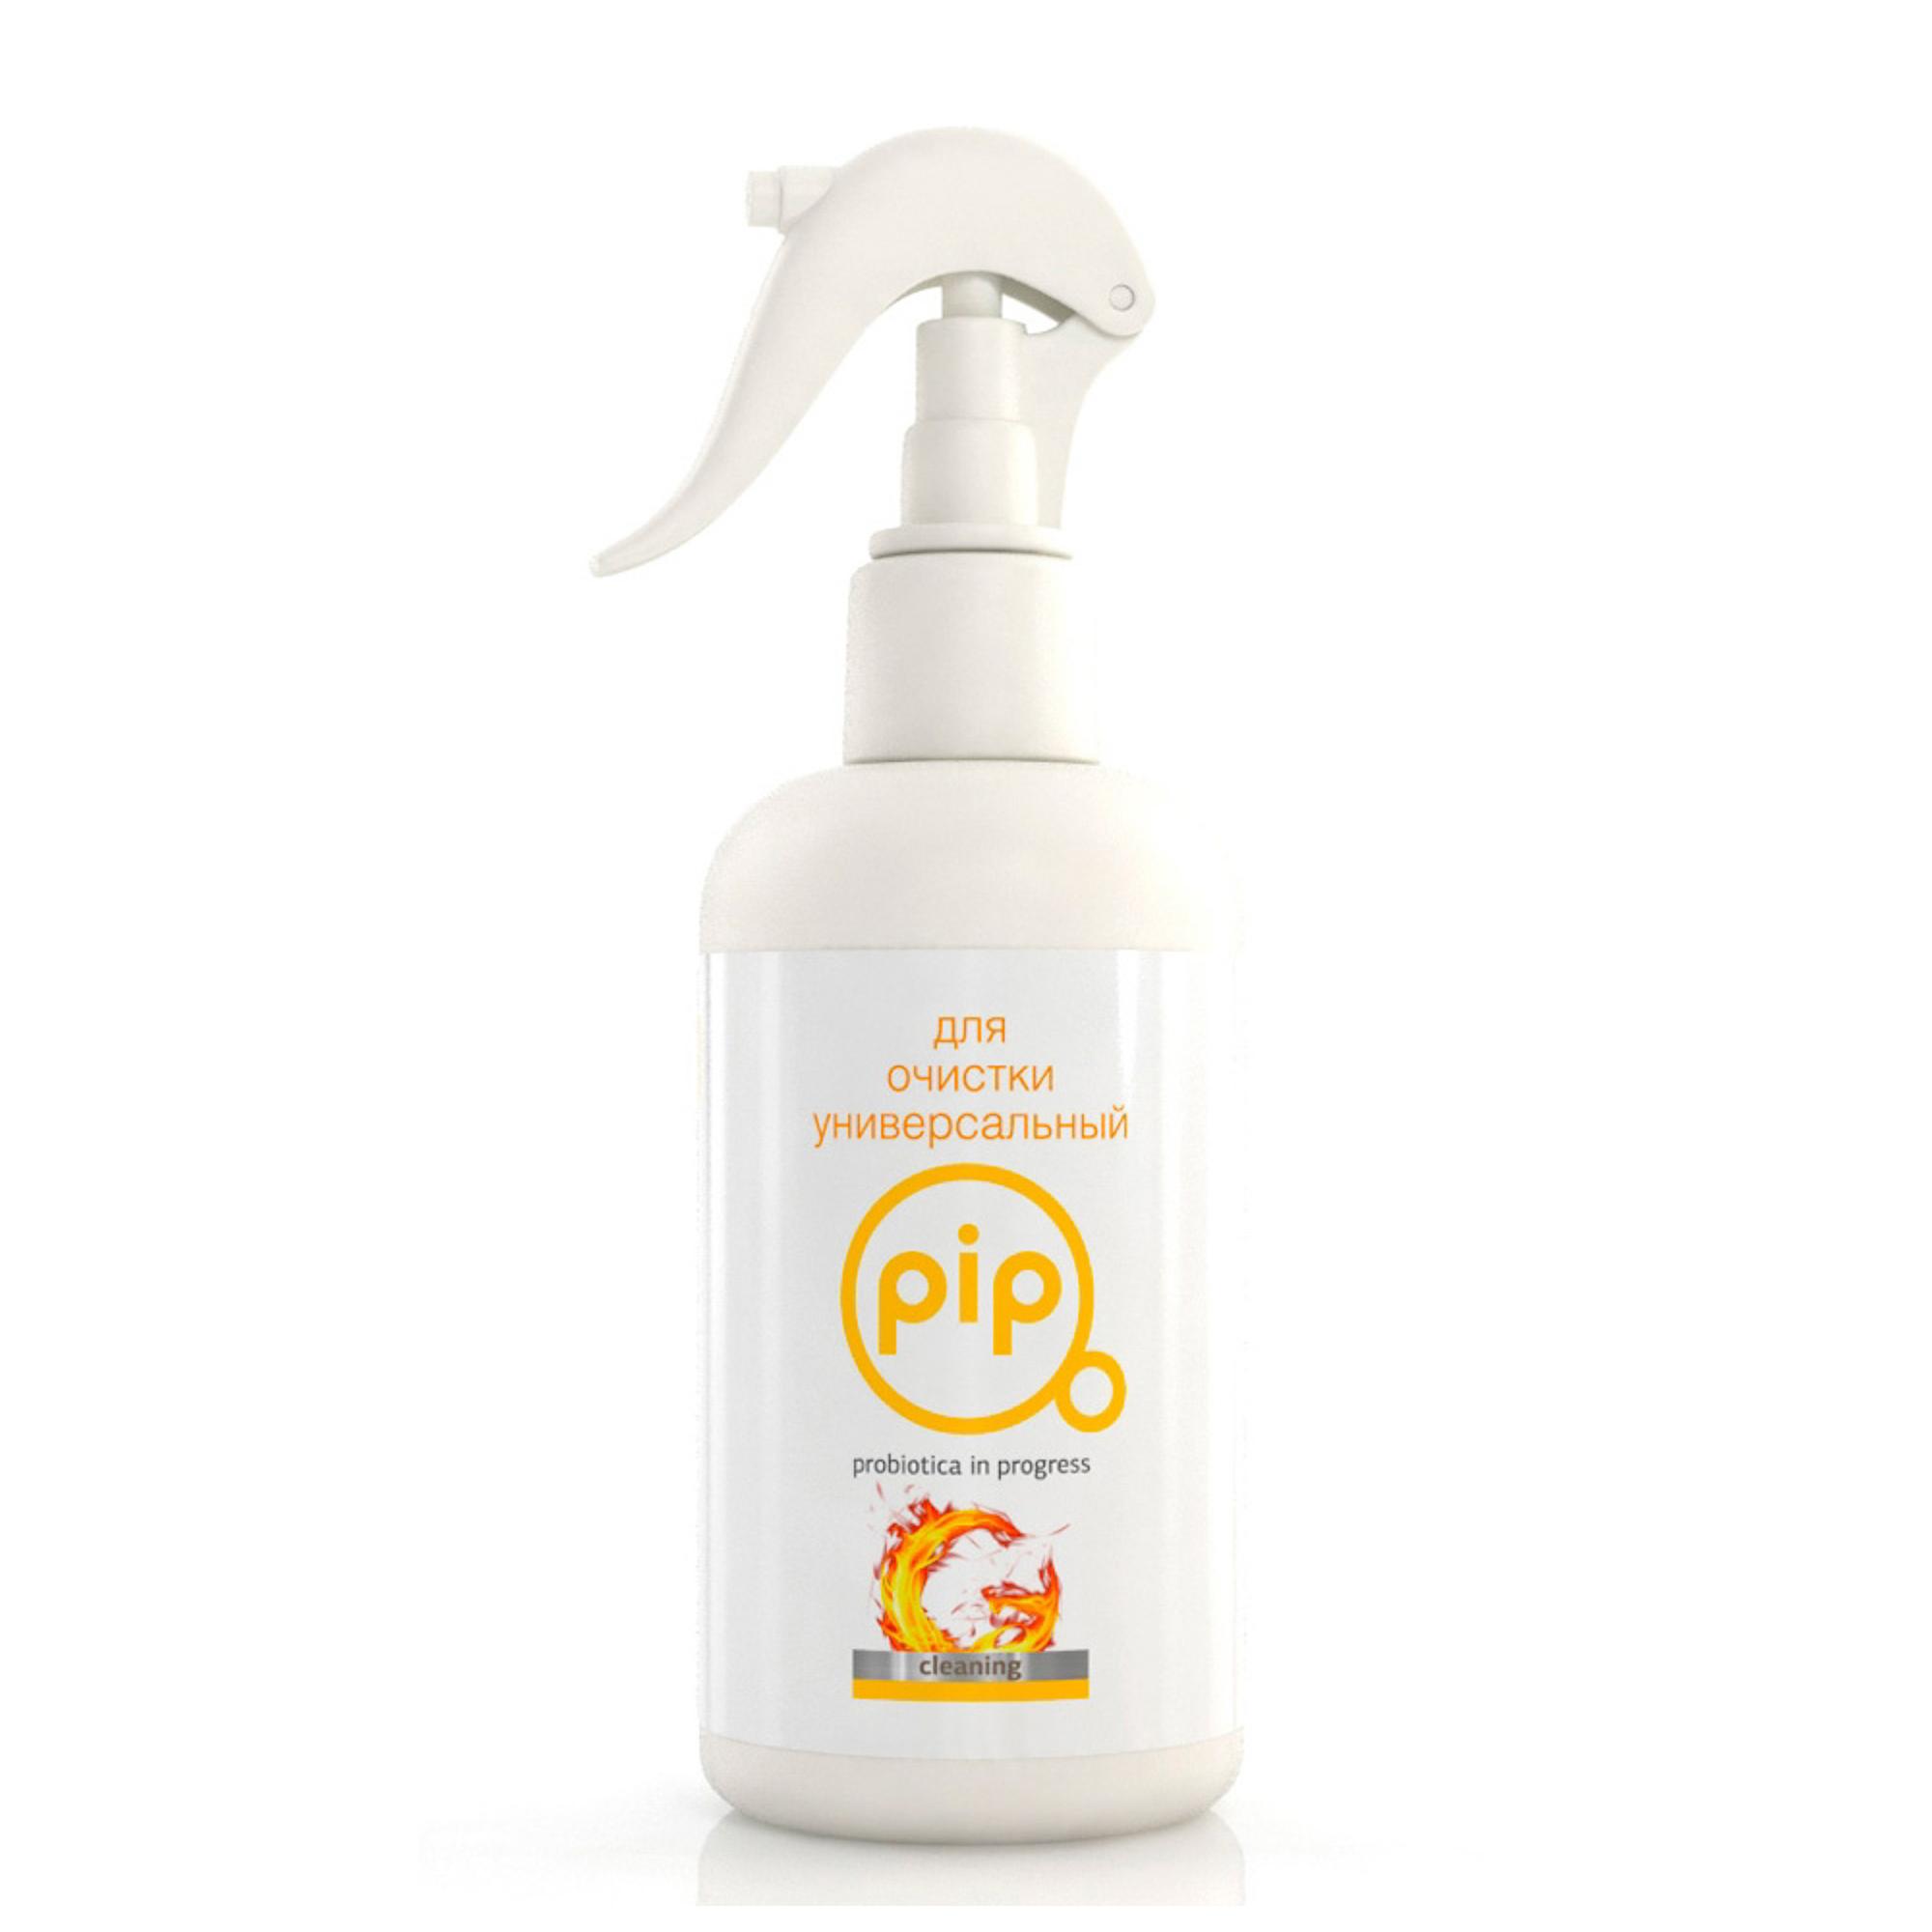 Фото - Спрей PIP для очистки универсальный 250 мл sano jet универсальный очиститель различных поверхностей с пищевой содой 750 мл спрей